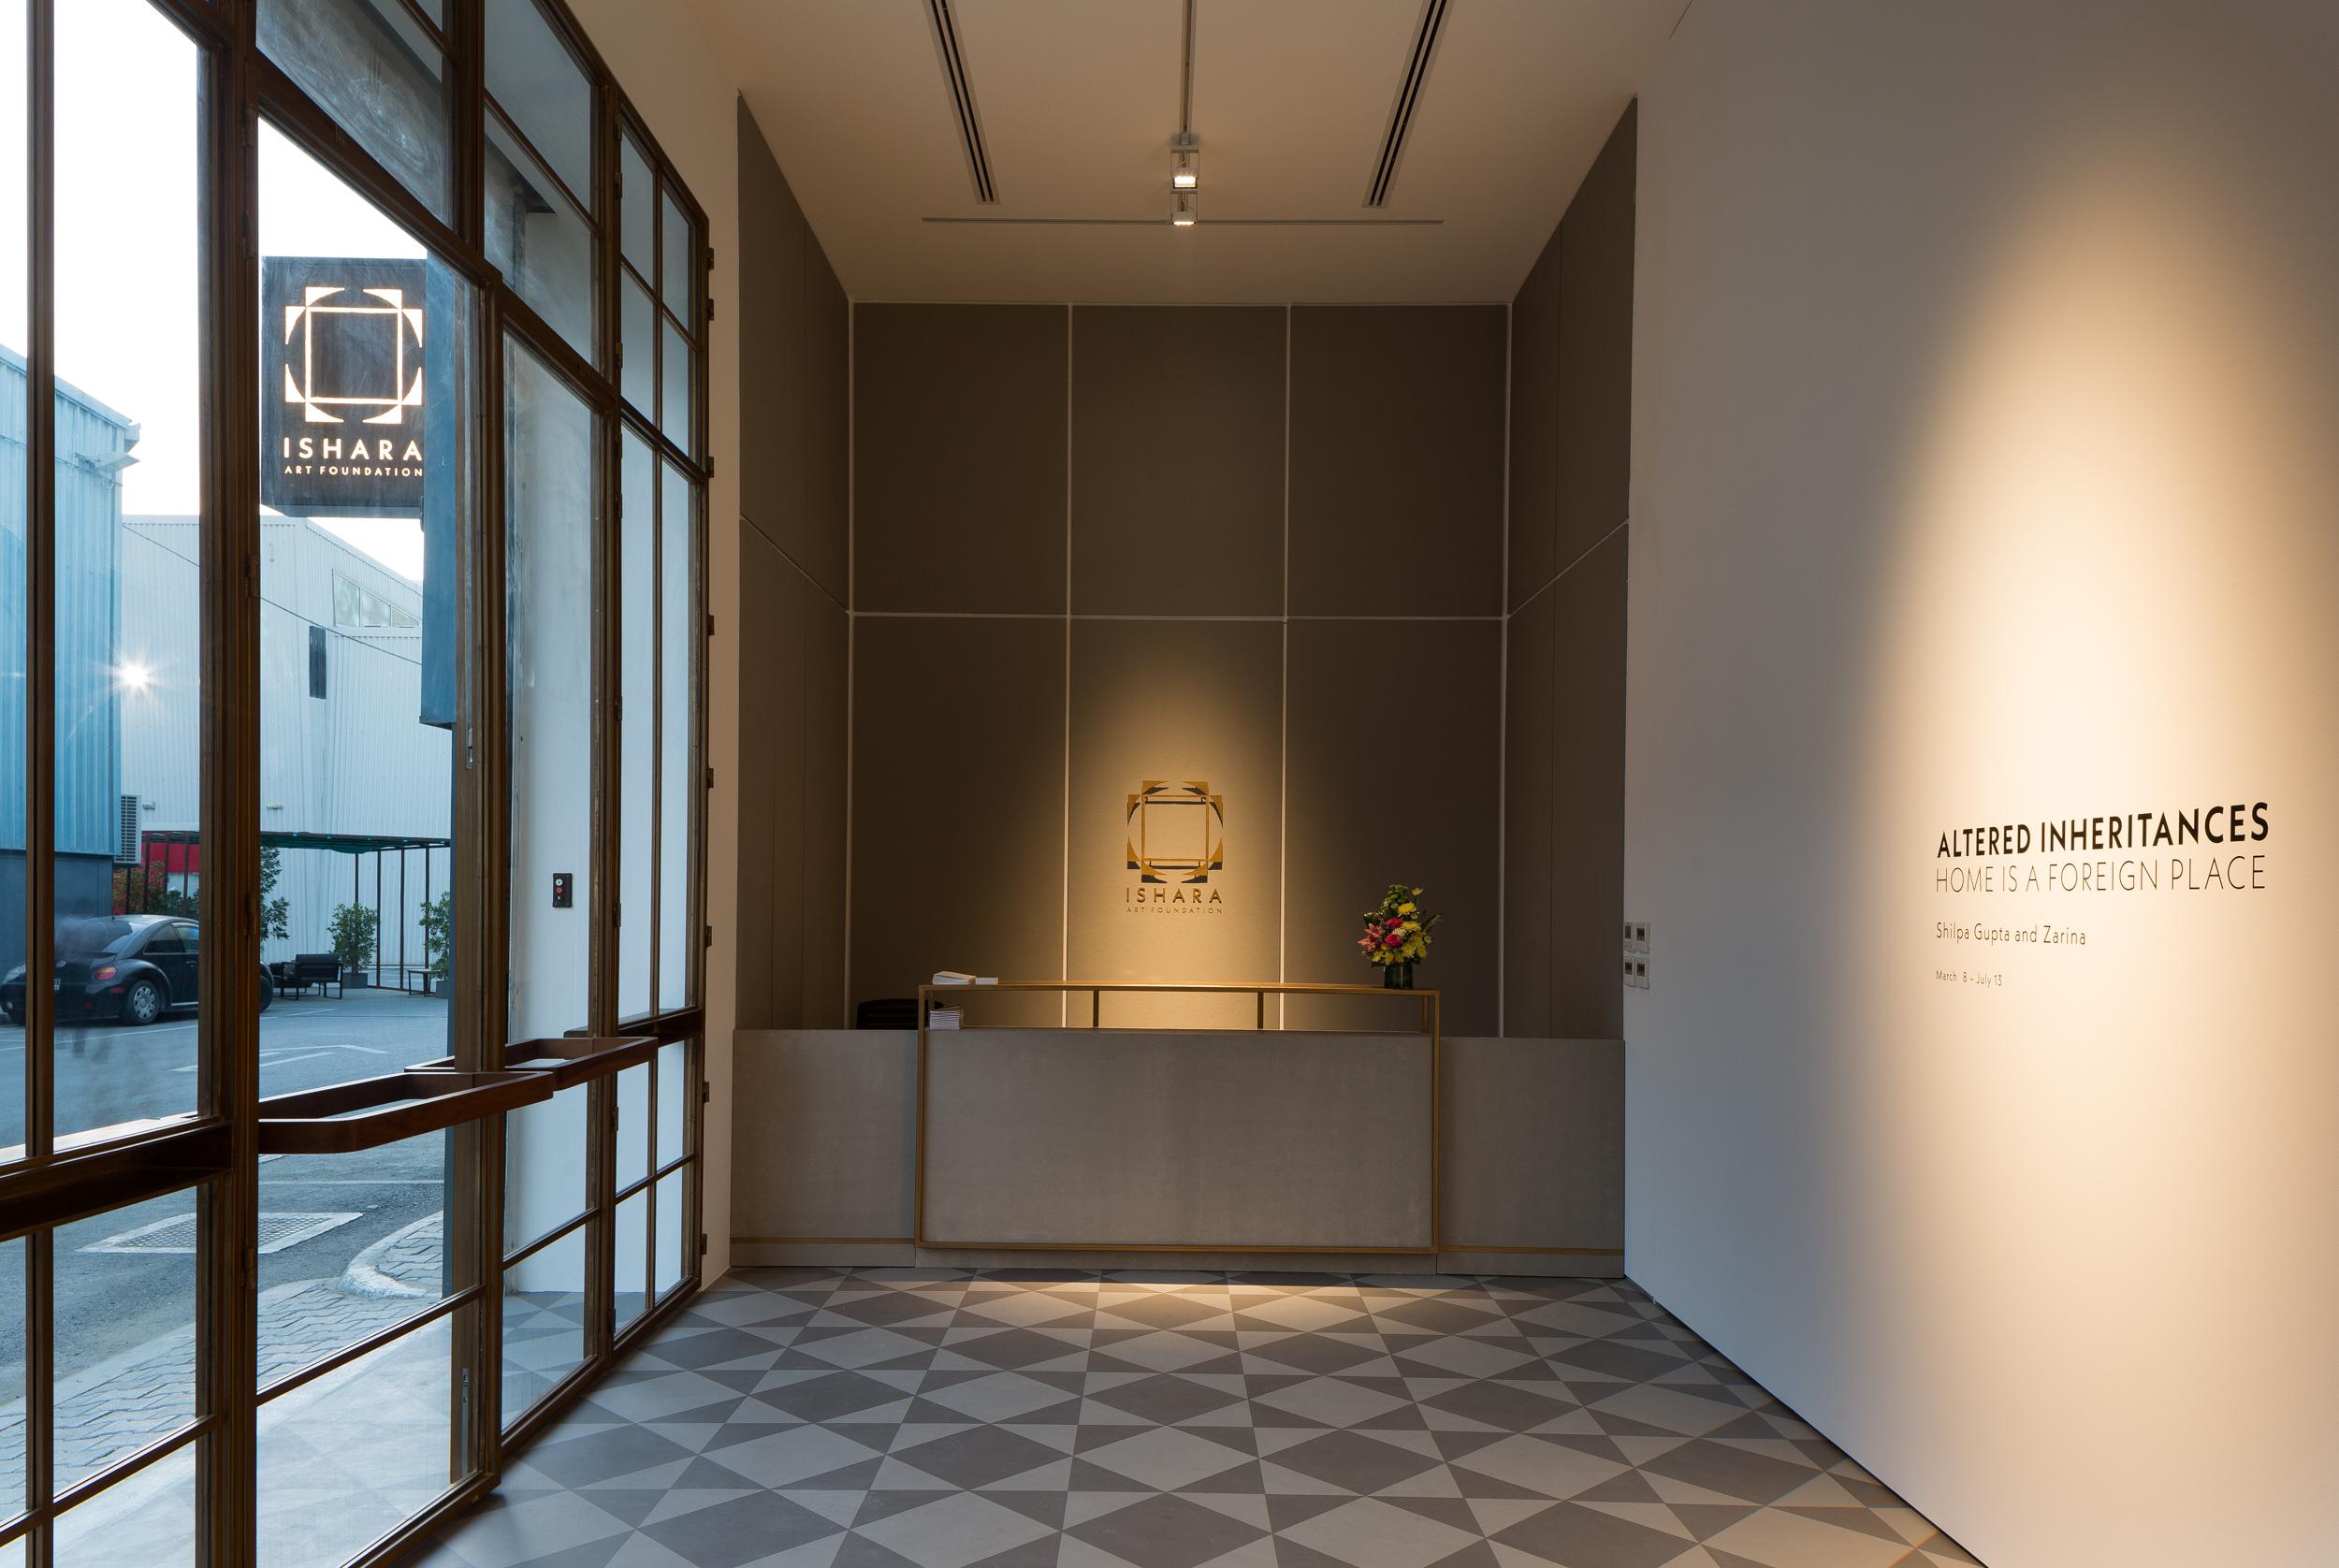 Ishara Foyer.jpg